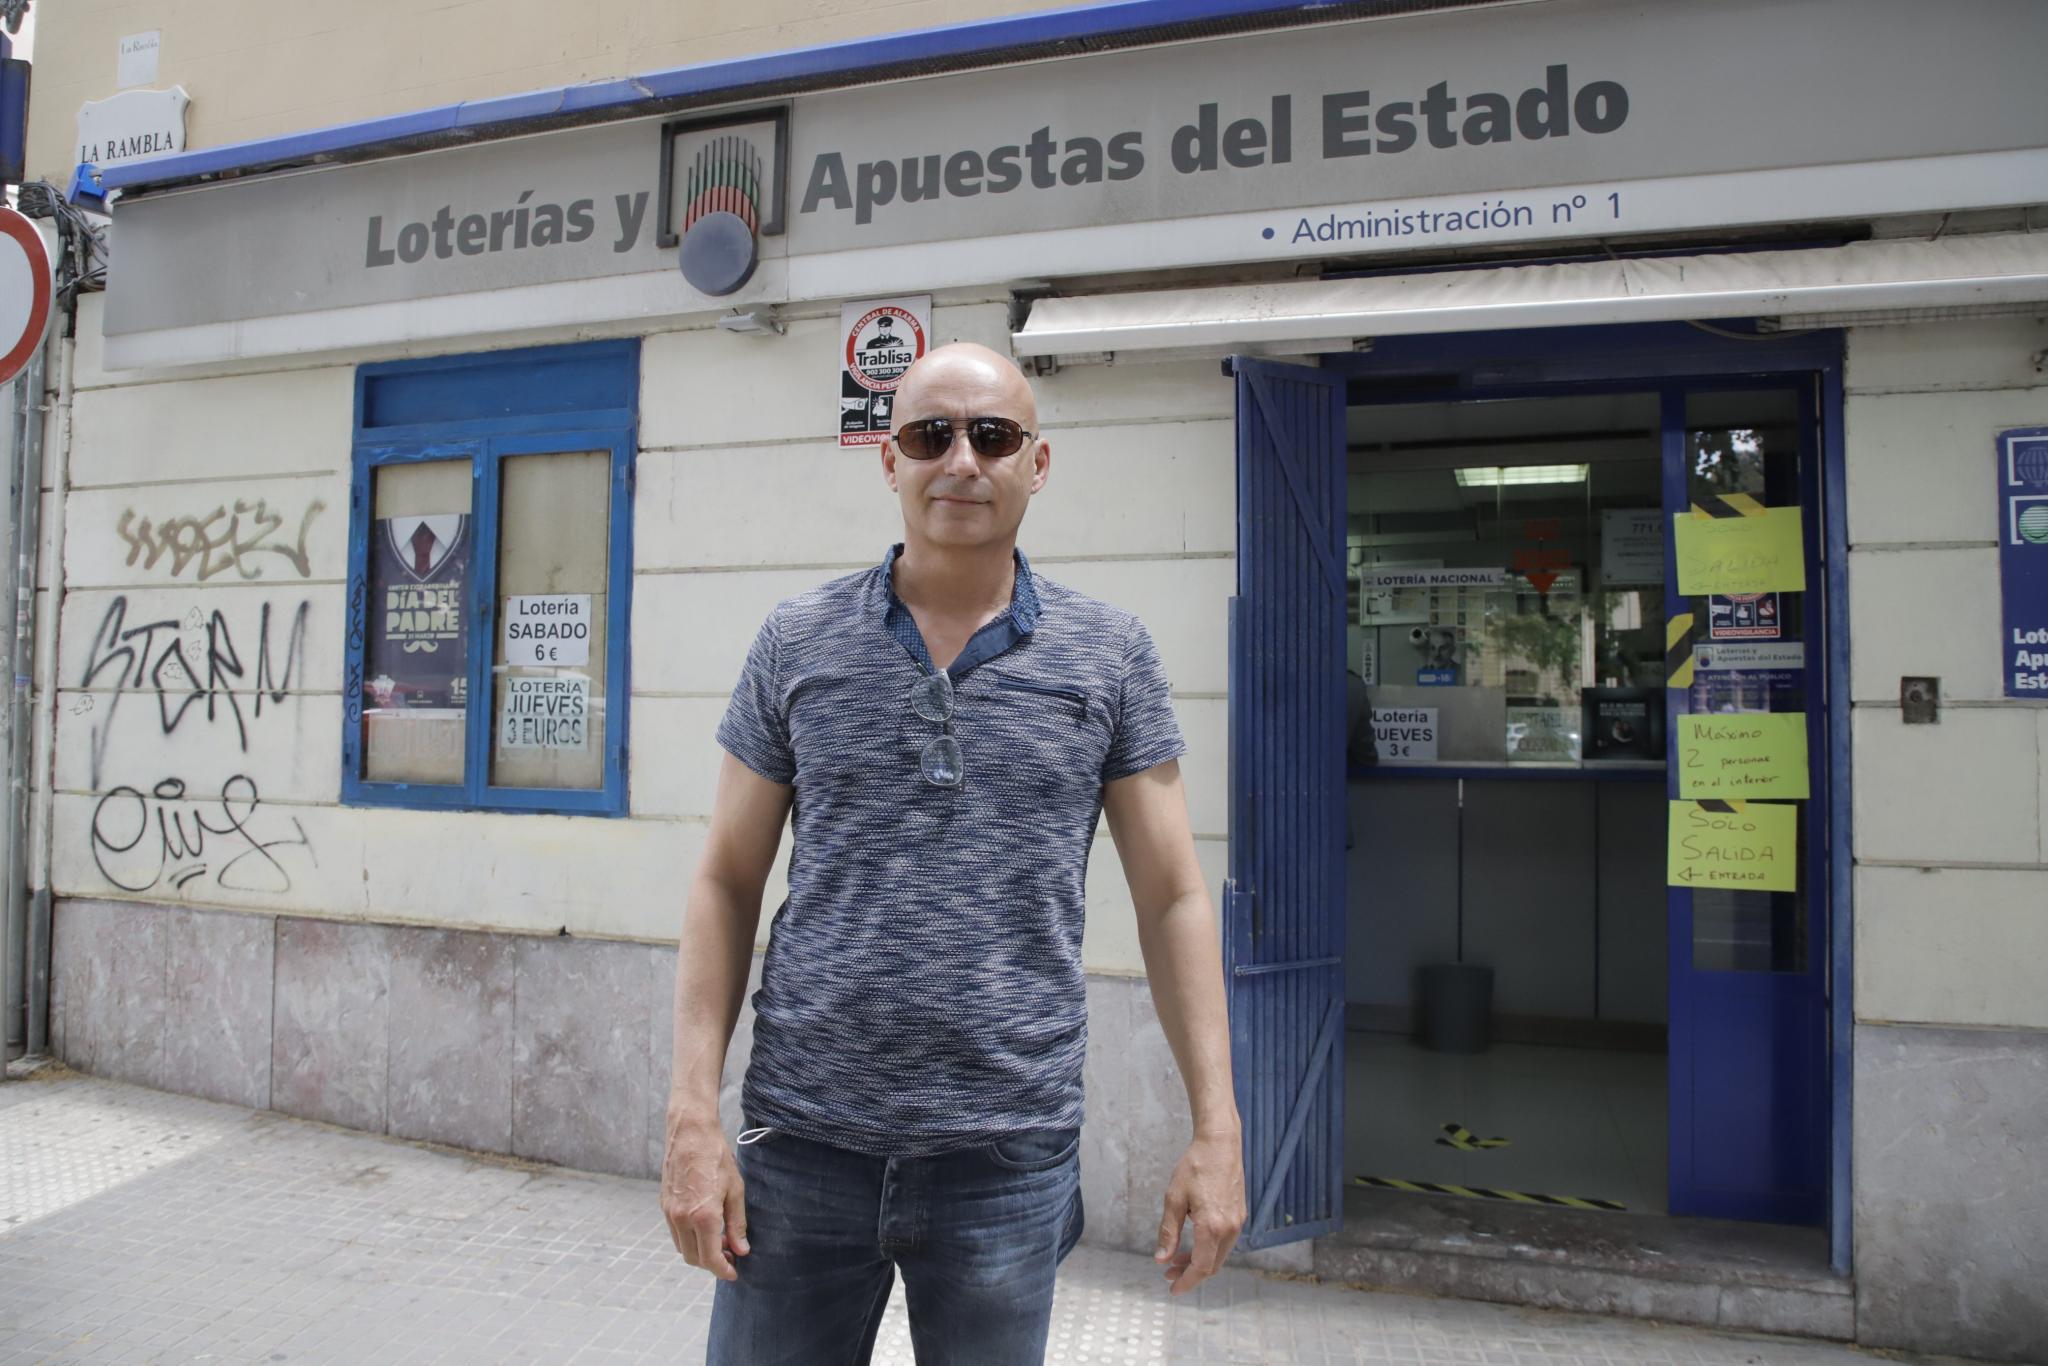 Palma reabren las adminitraciones de loteria foto Miquel A Ca